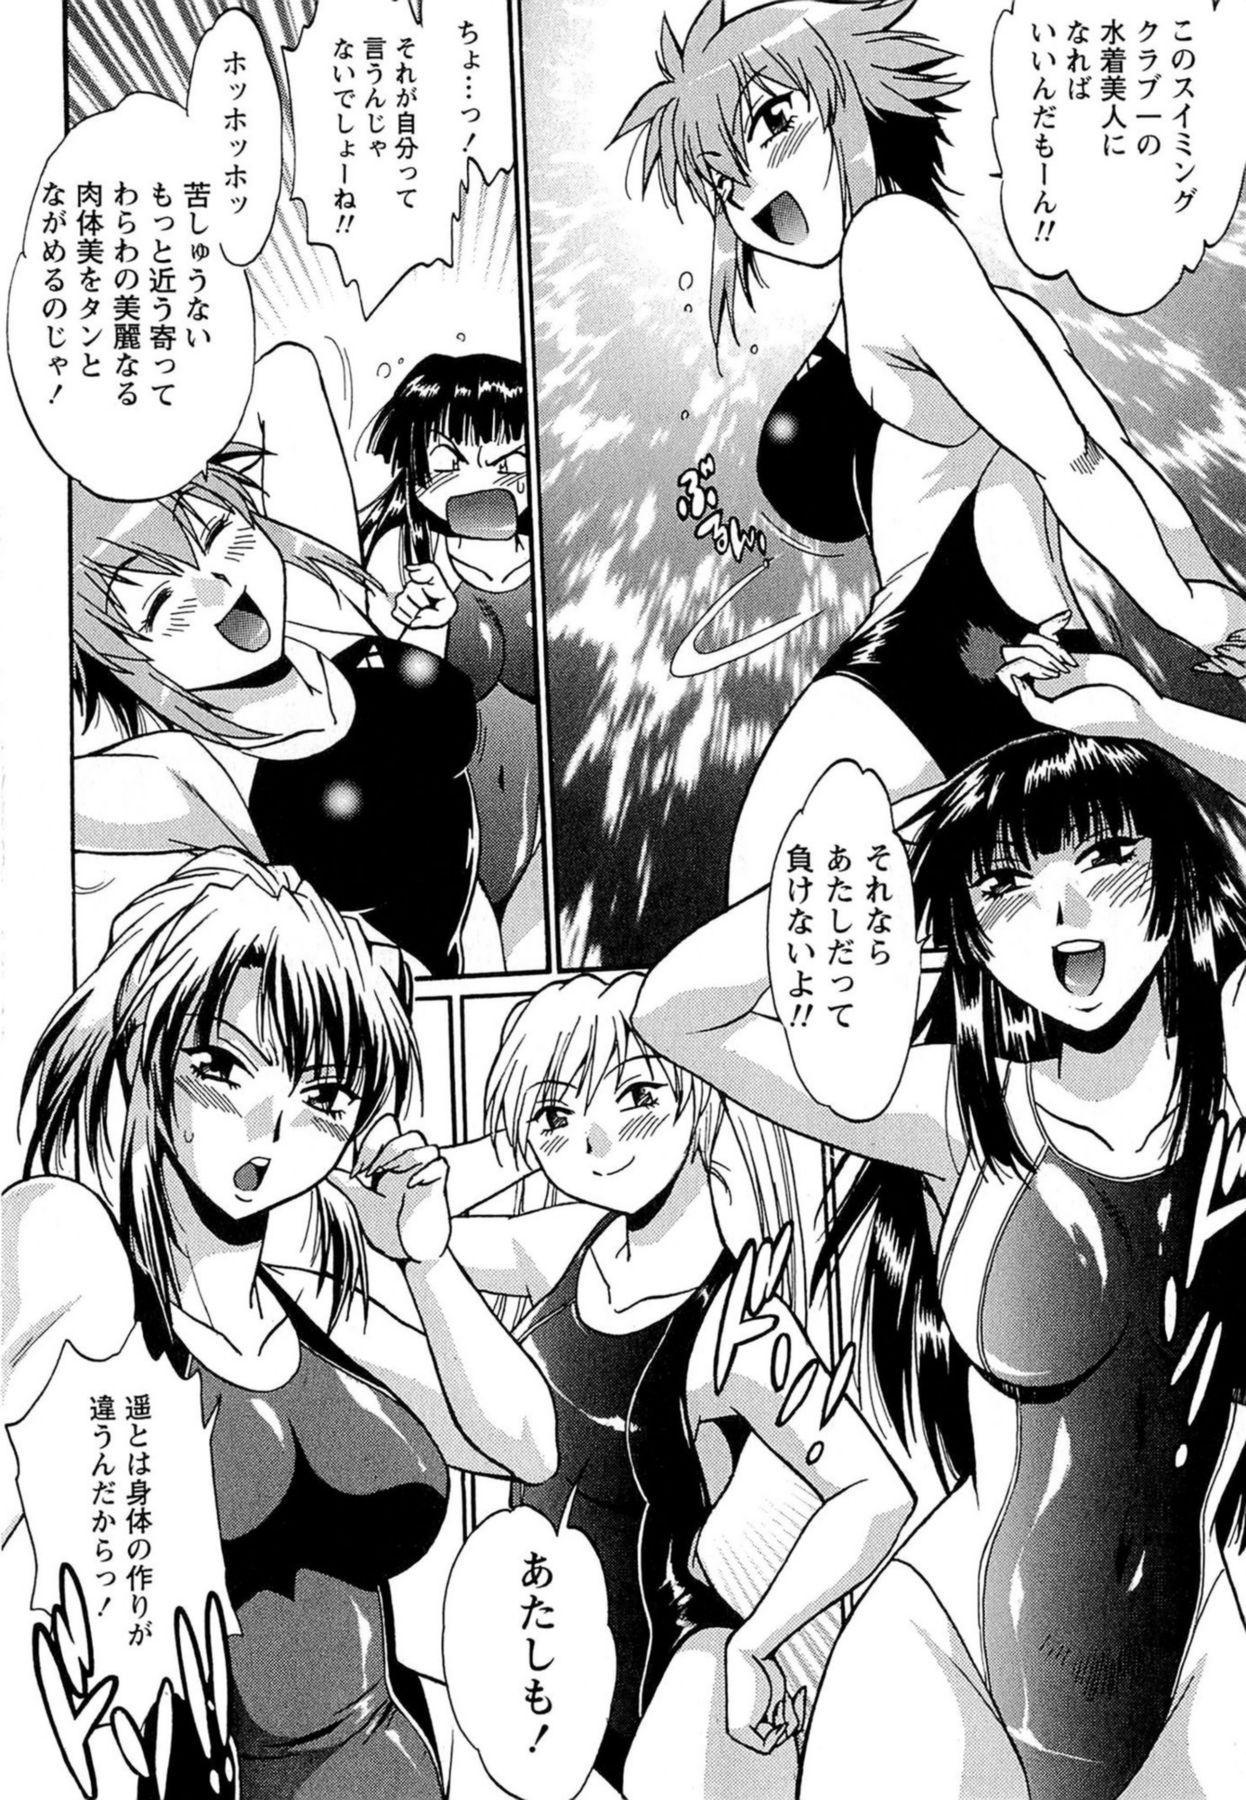 Kuikomi wo Naoshiteru Hima wa Nai! Vol. 1 90